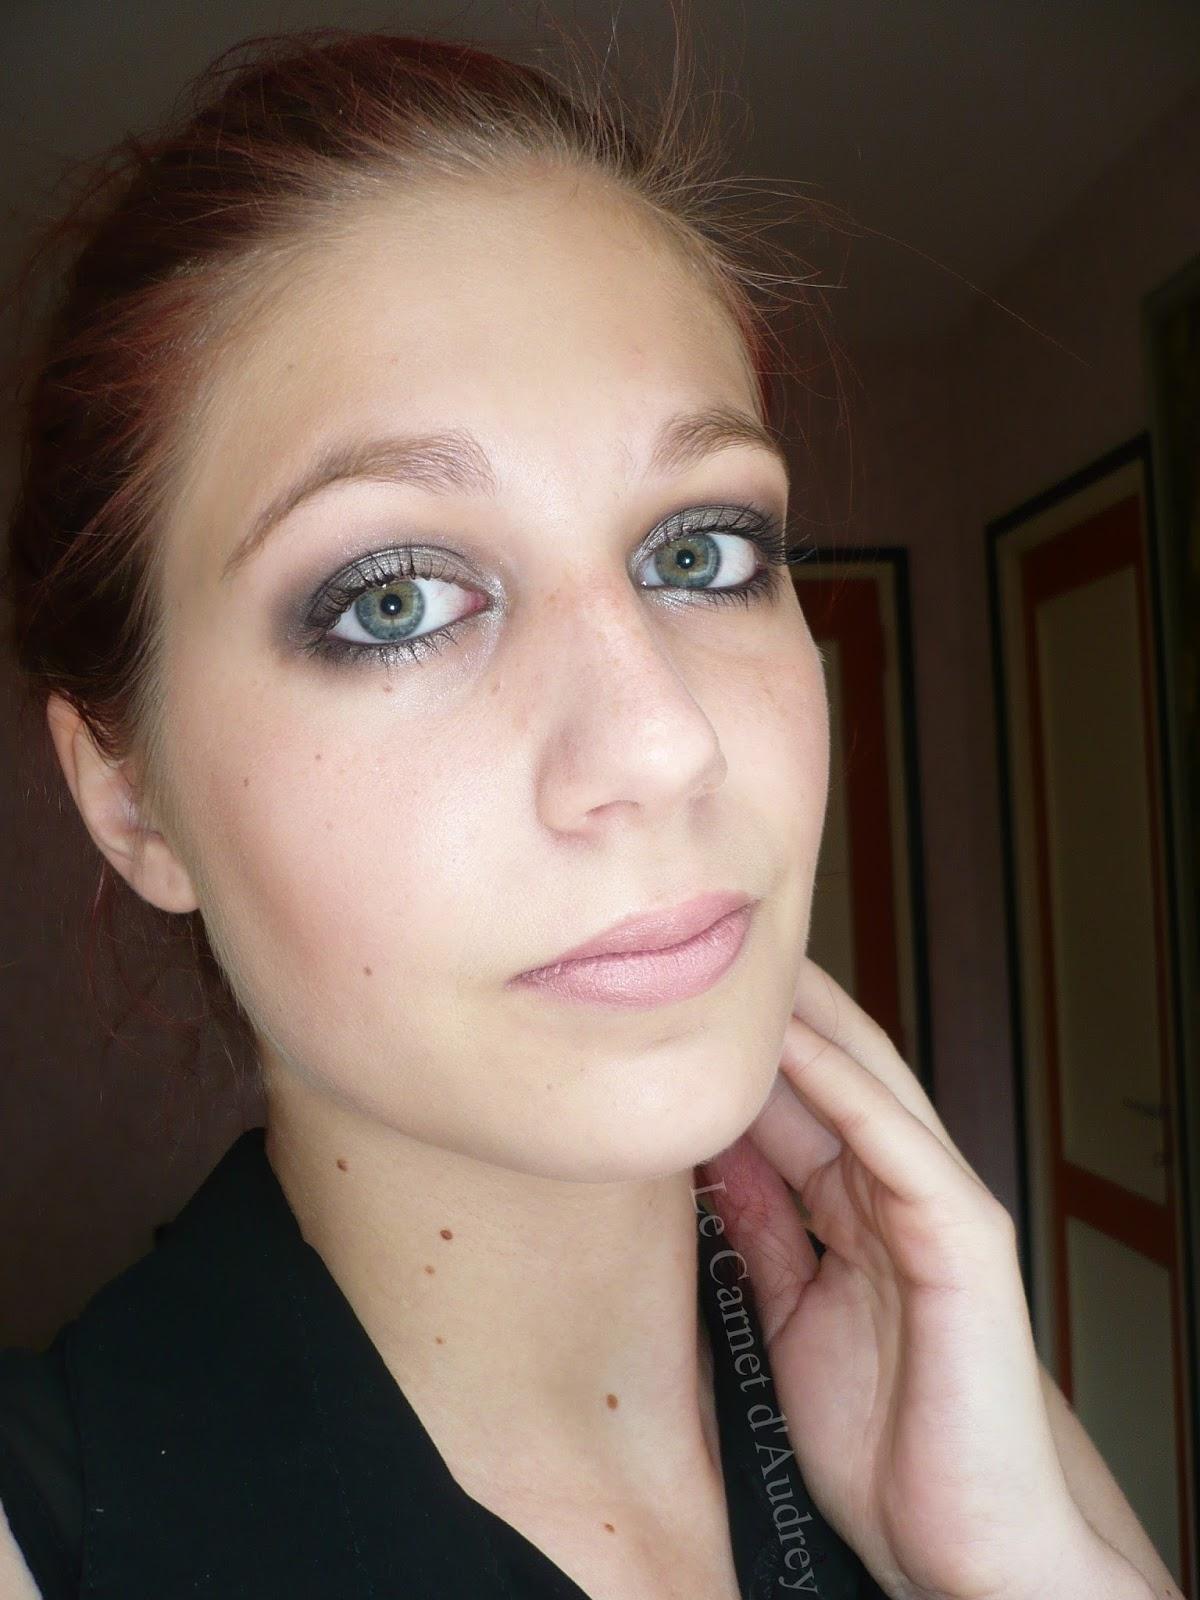 Maquillage smoky eyes de soir e - Maquillage smoky eyes ...